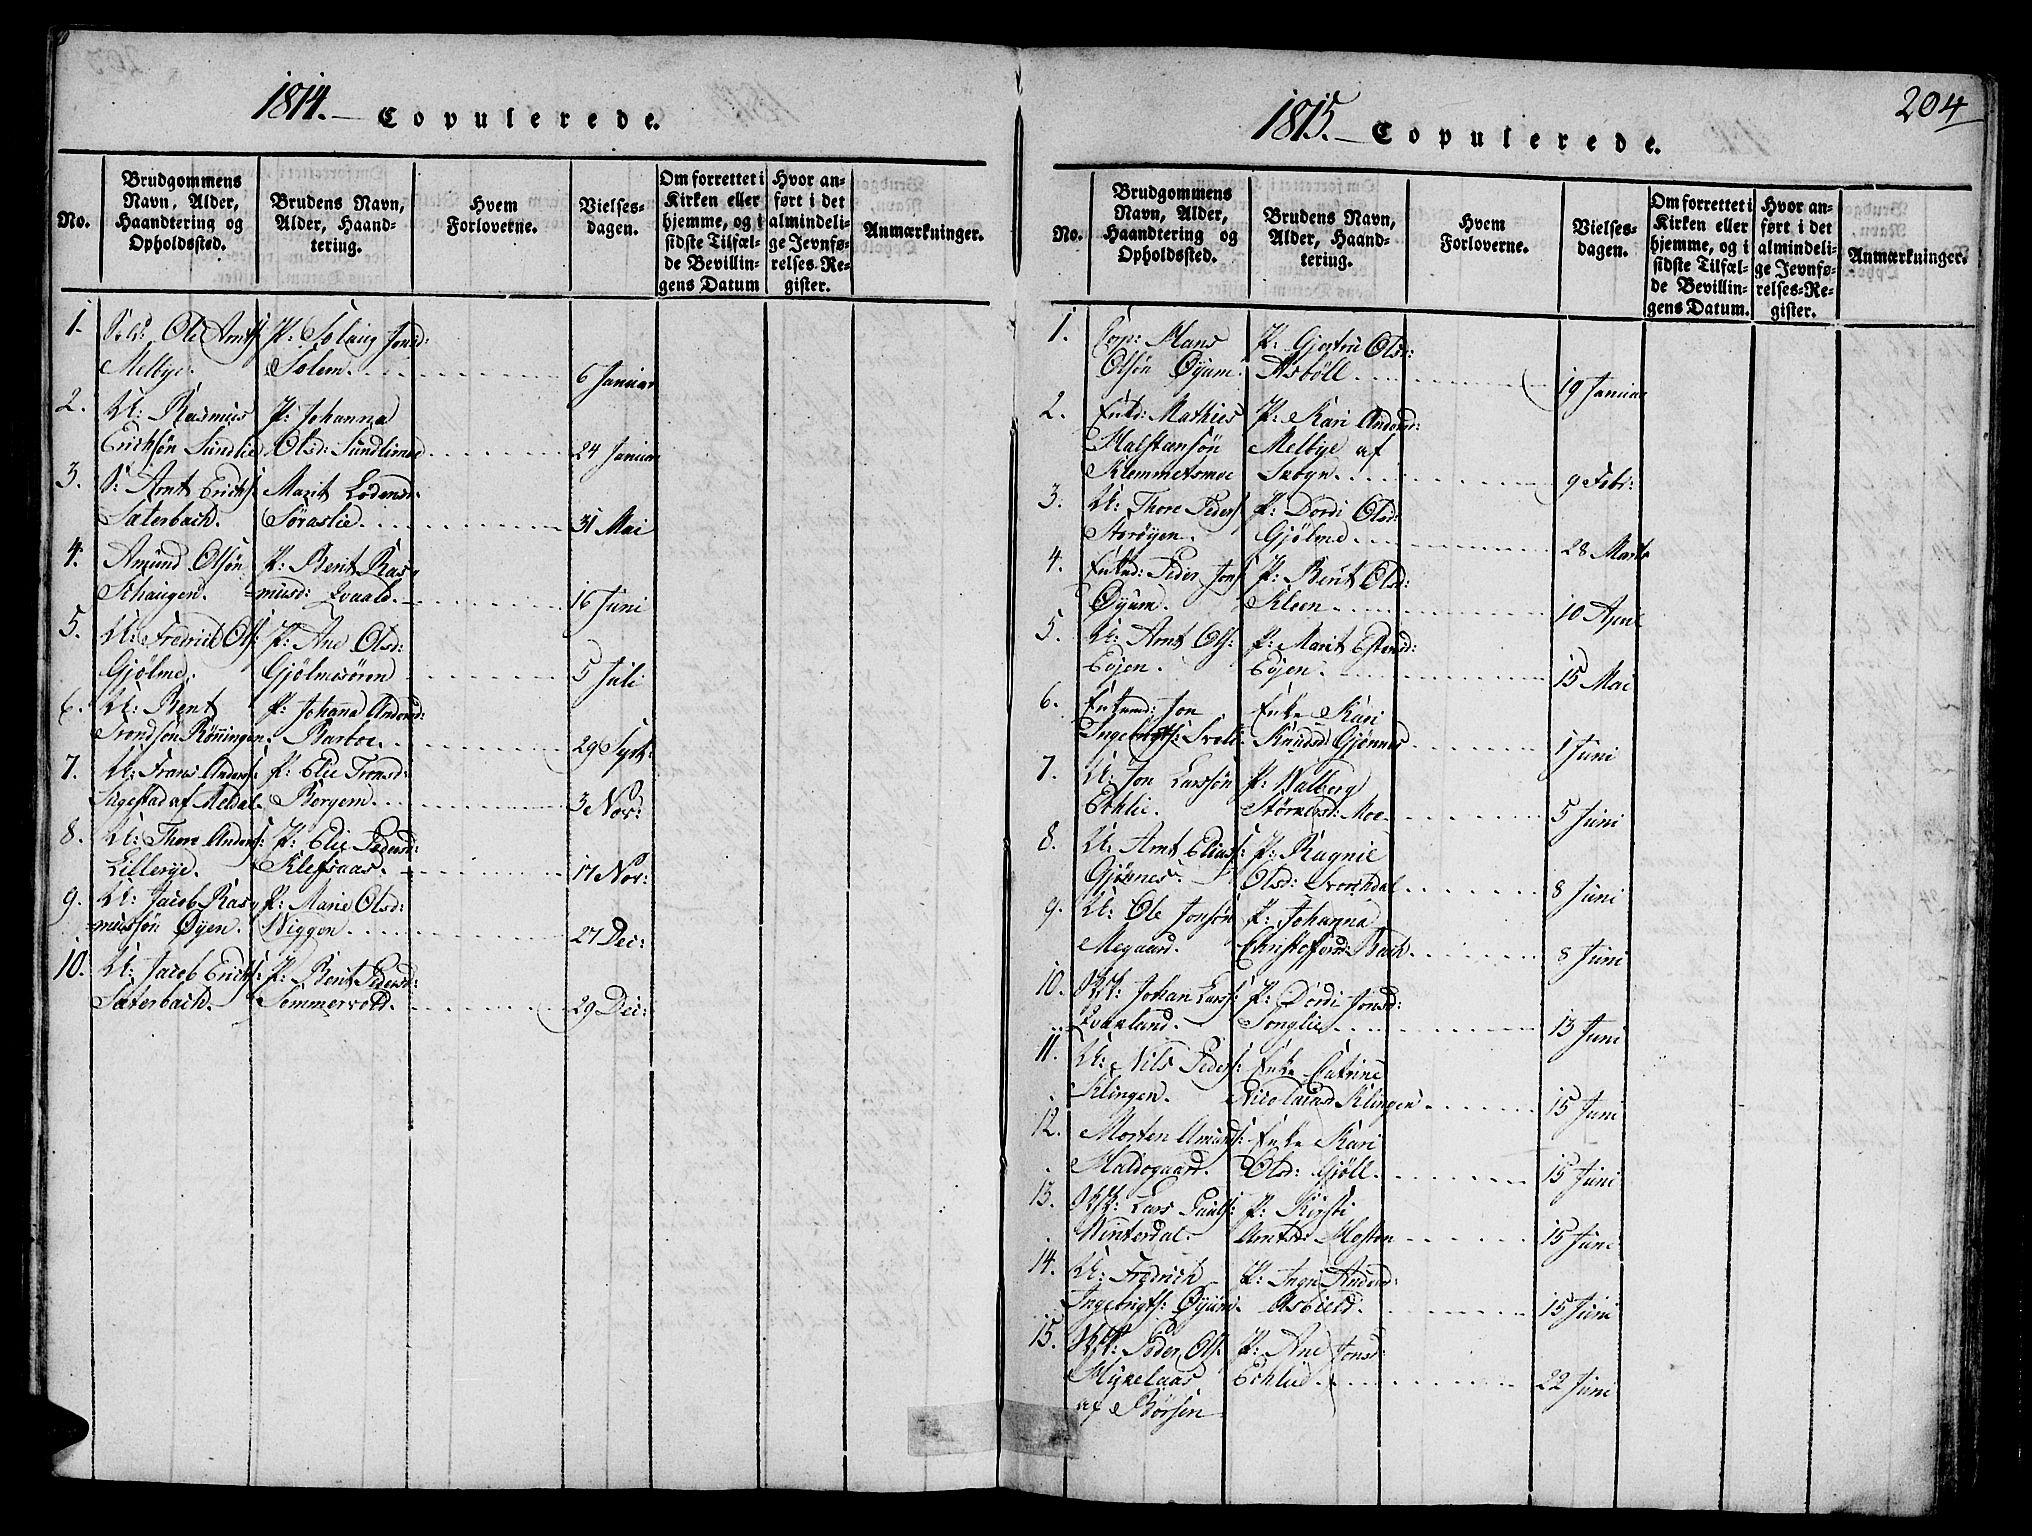 SAT, Ministerialprotokoller, klokkerbøker og fødselsregistre - Sør-Trøndelag, 668/L0803: Ministerialbok nr. 668A03, 1800-1826, s. 204